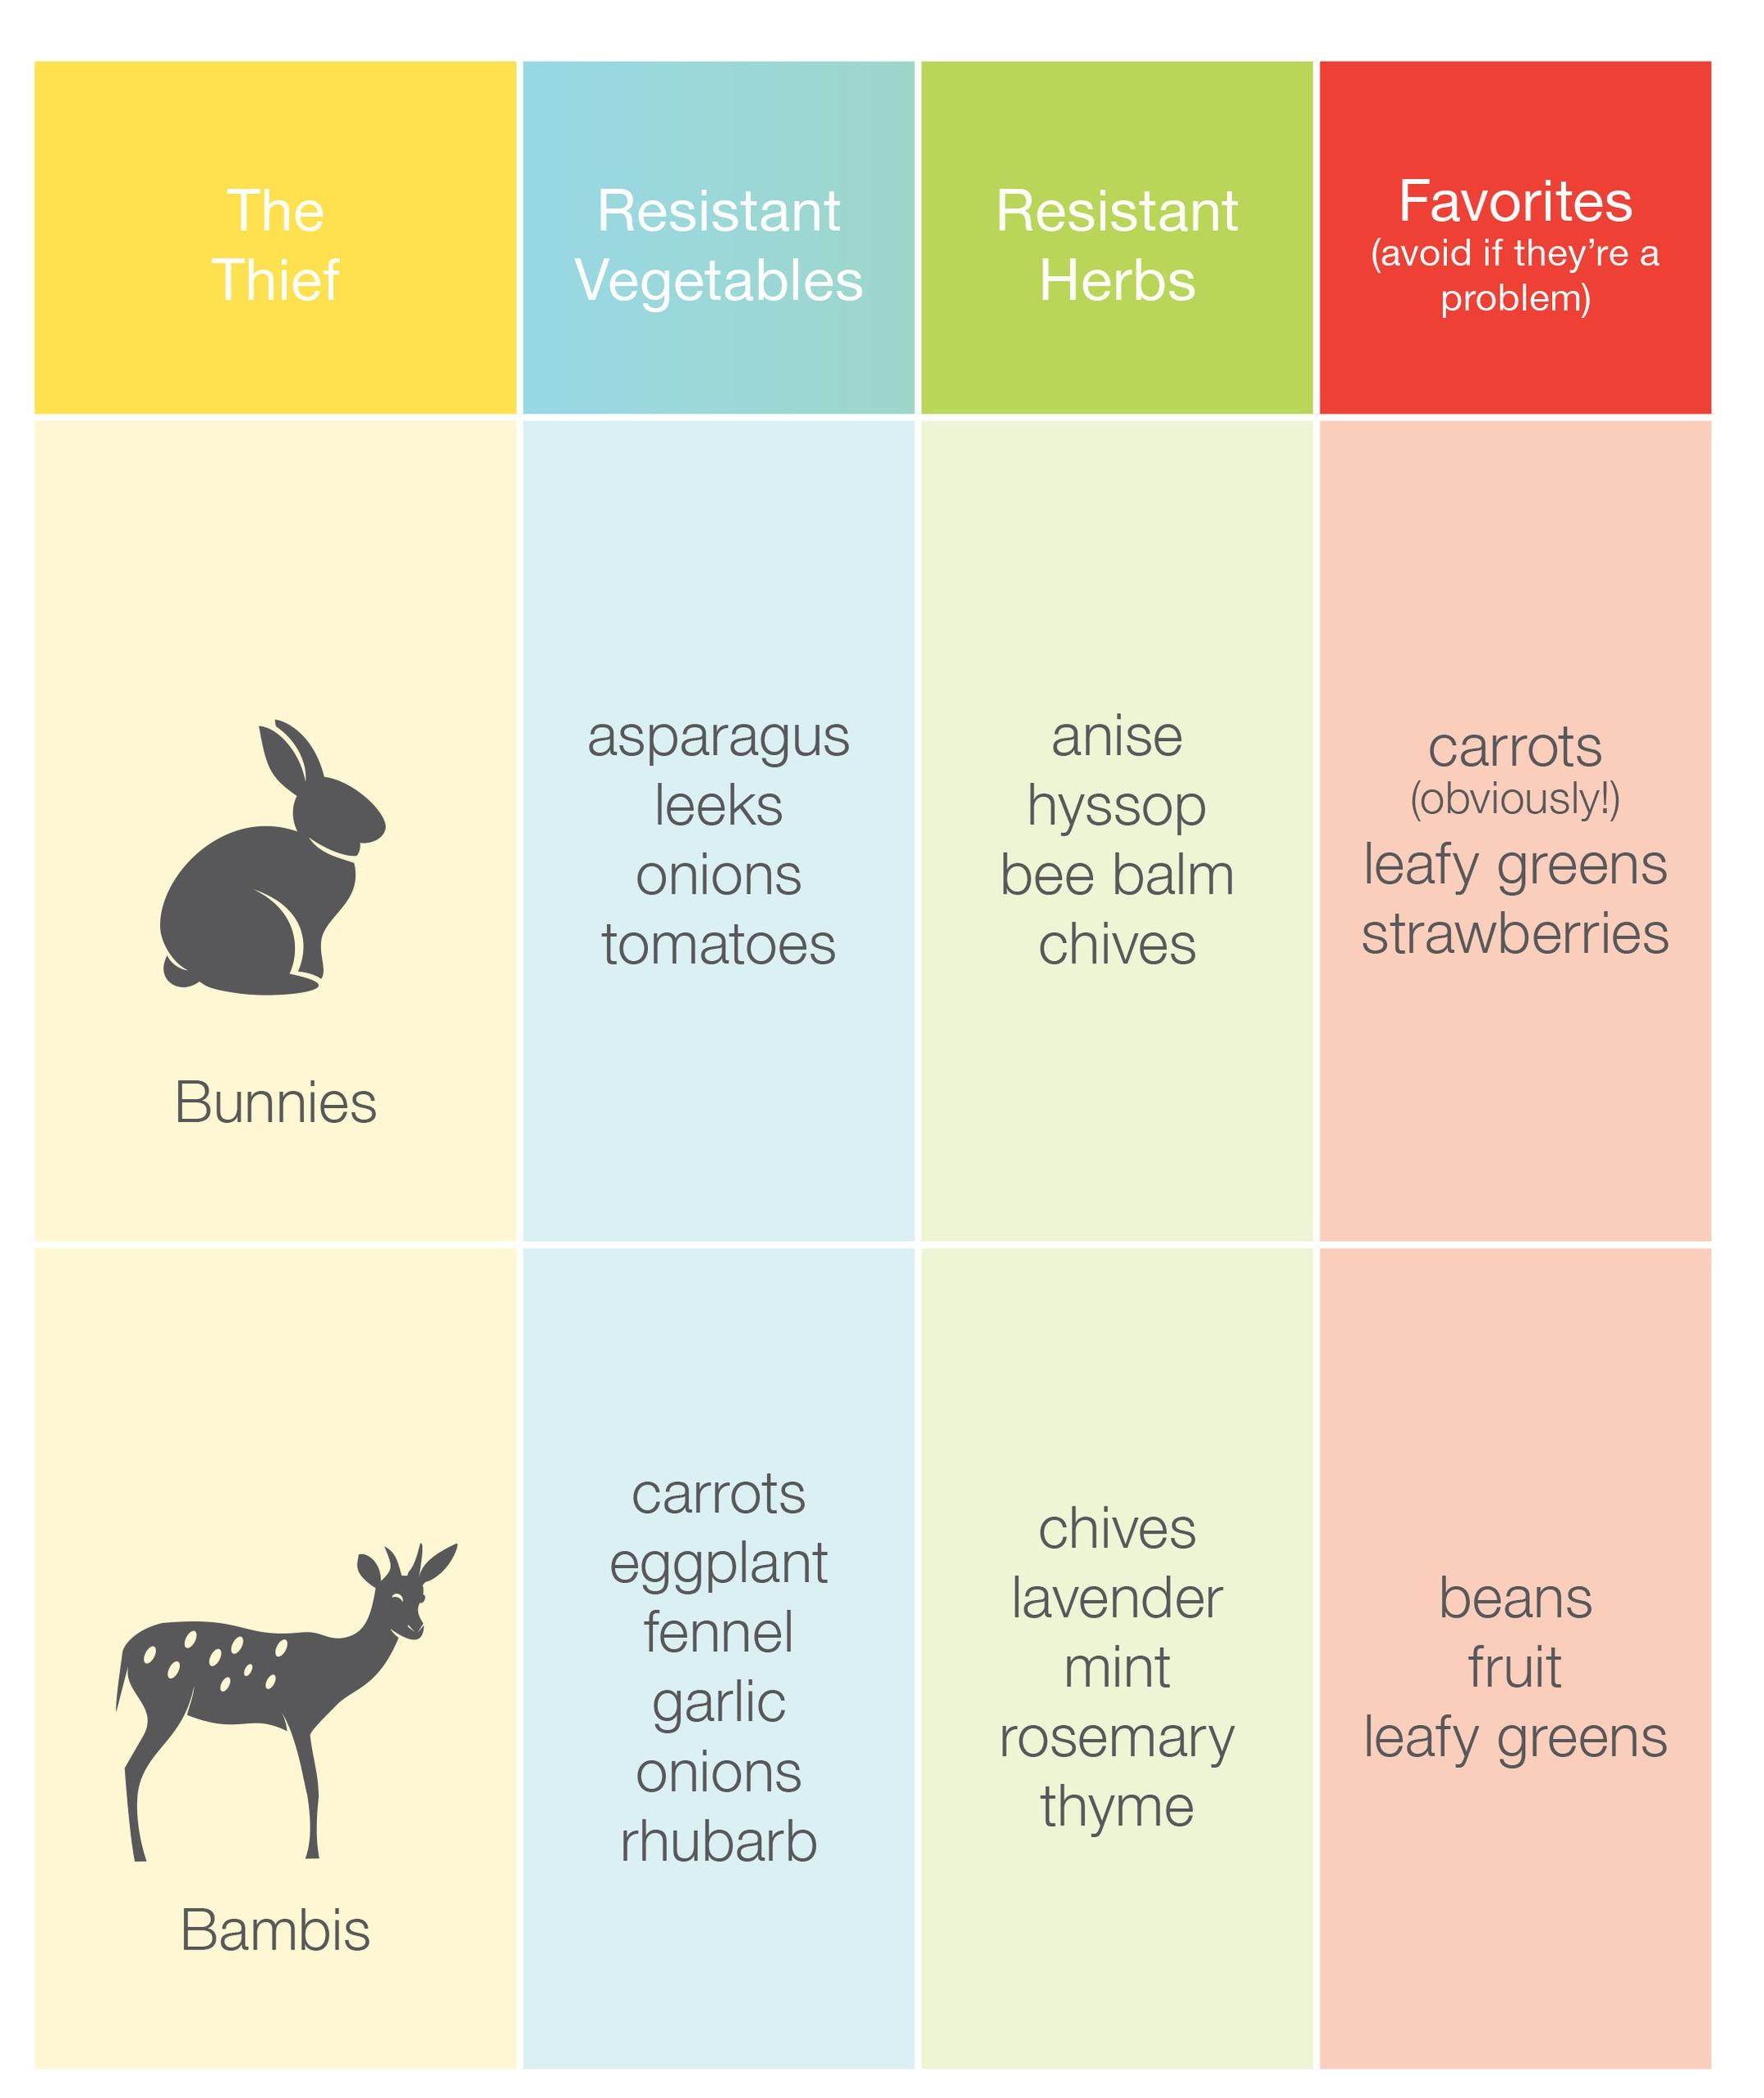 Critters-Rabbit and Deer chart.jpg